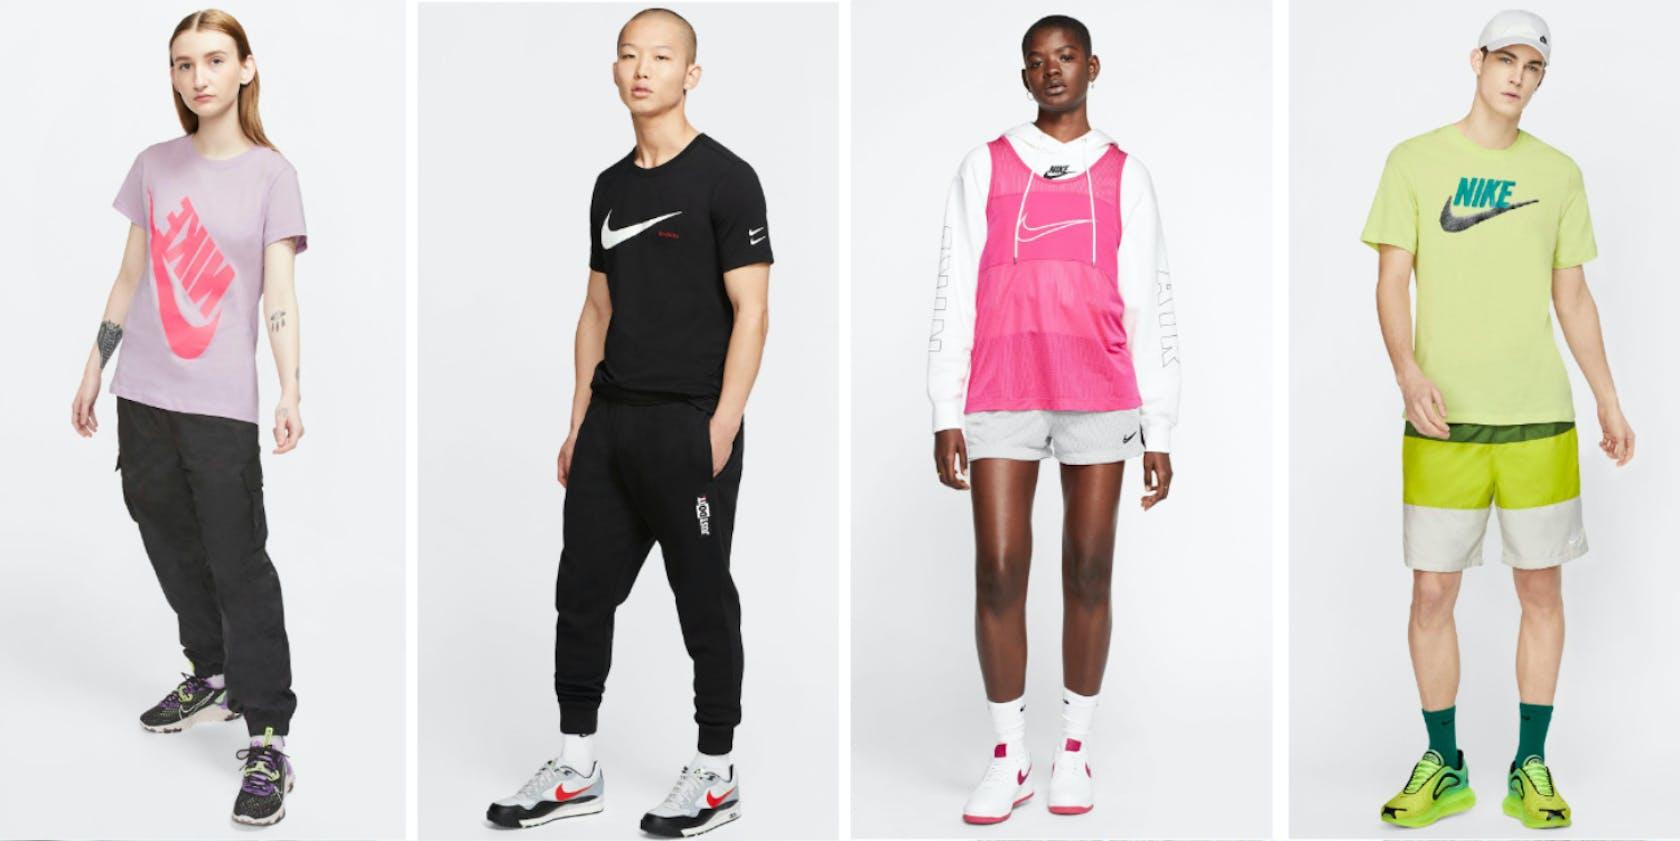 Nike Onlineshop Sportswear